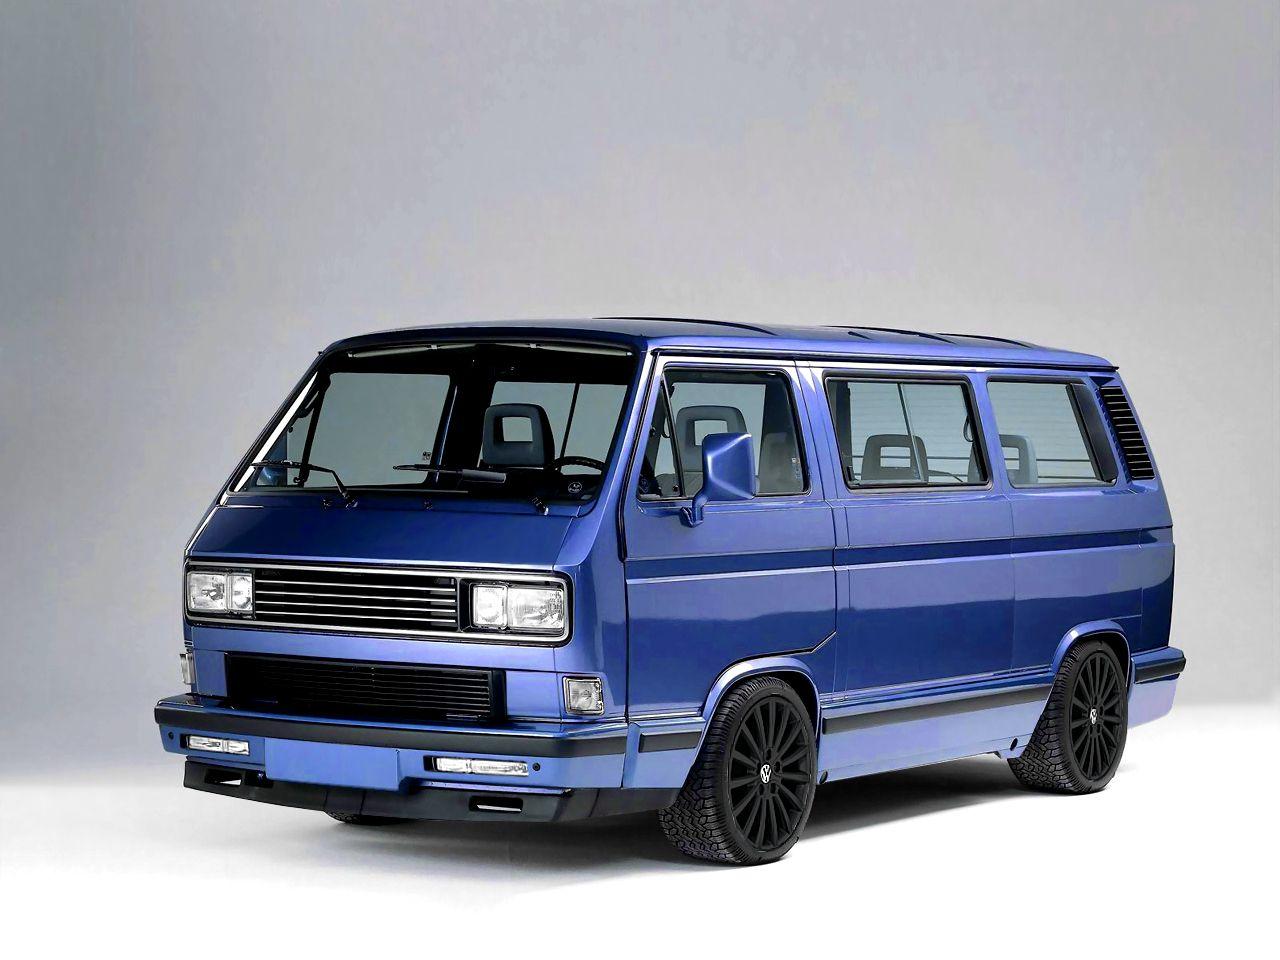 vw t3 caravelle coach mit v8motor tuning vw bulik t. Black Bedroom Furniture Sets. Home Design Ideas